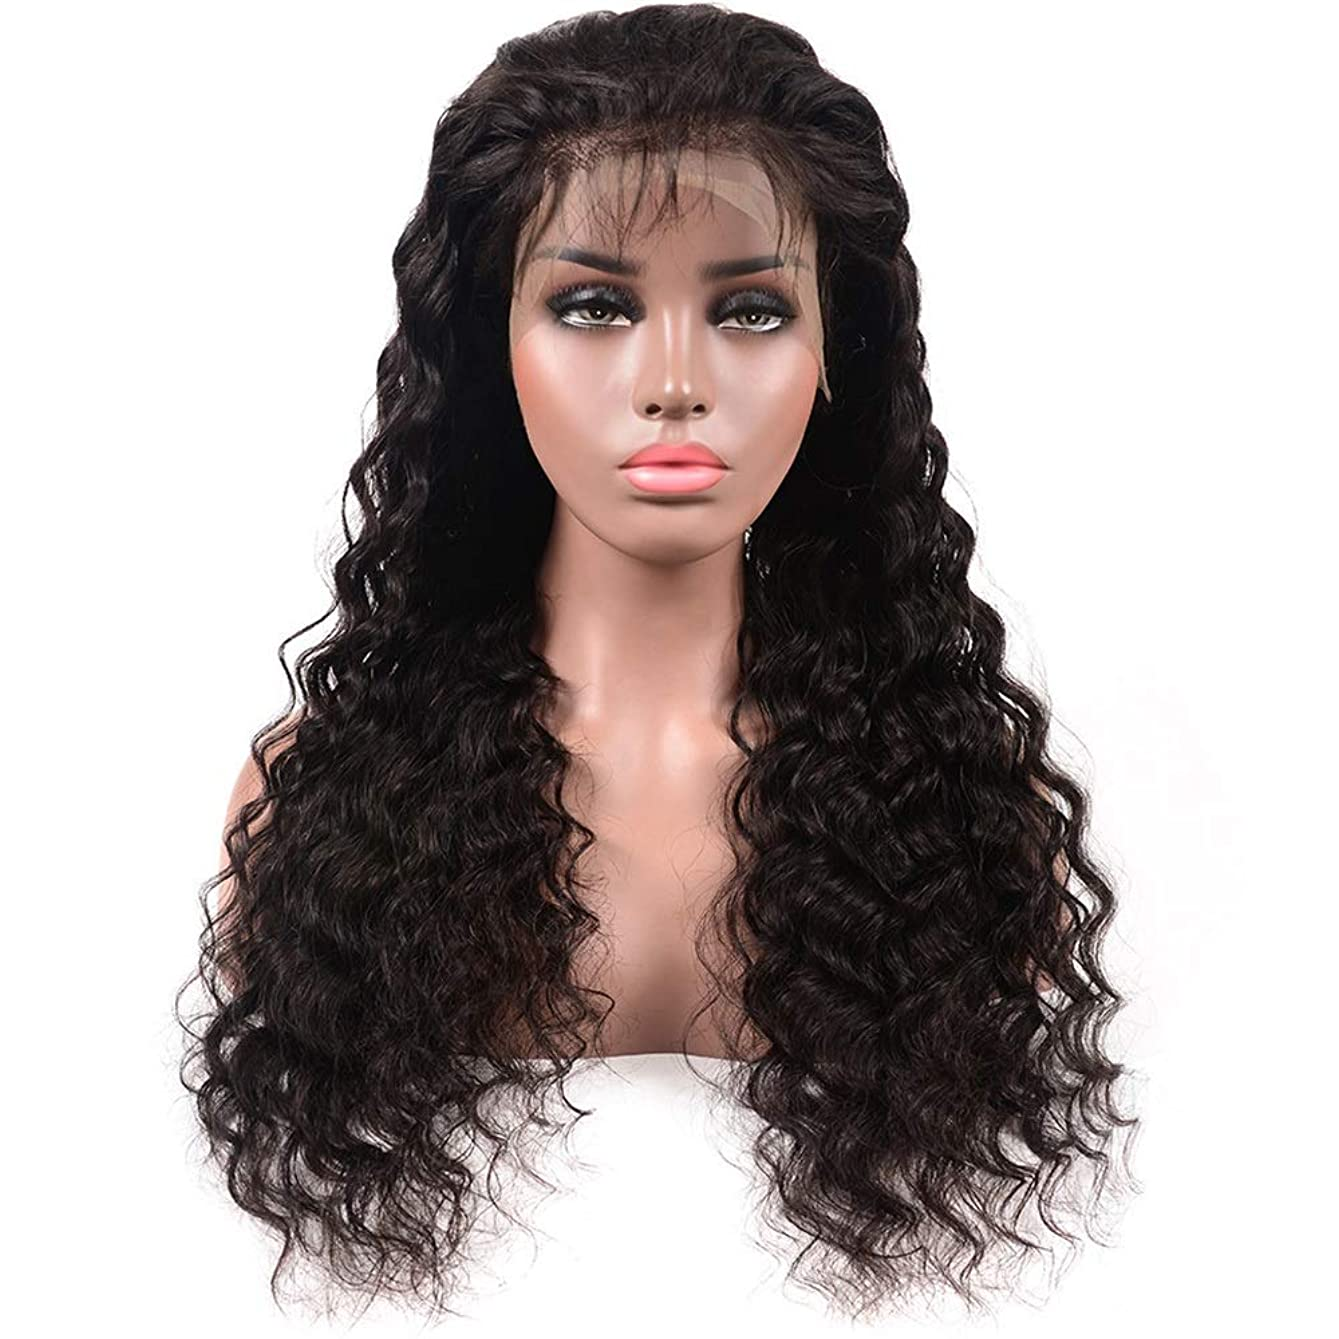 サバント便利さ怠けたYESONEEP ディープウェーブハーフハンド100%本物の人間の髪の毛の自然な黒の長い巻き毛のレースフロントかつら女性の毎日のドレス(8